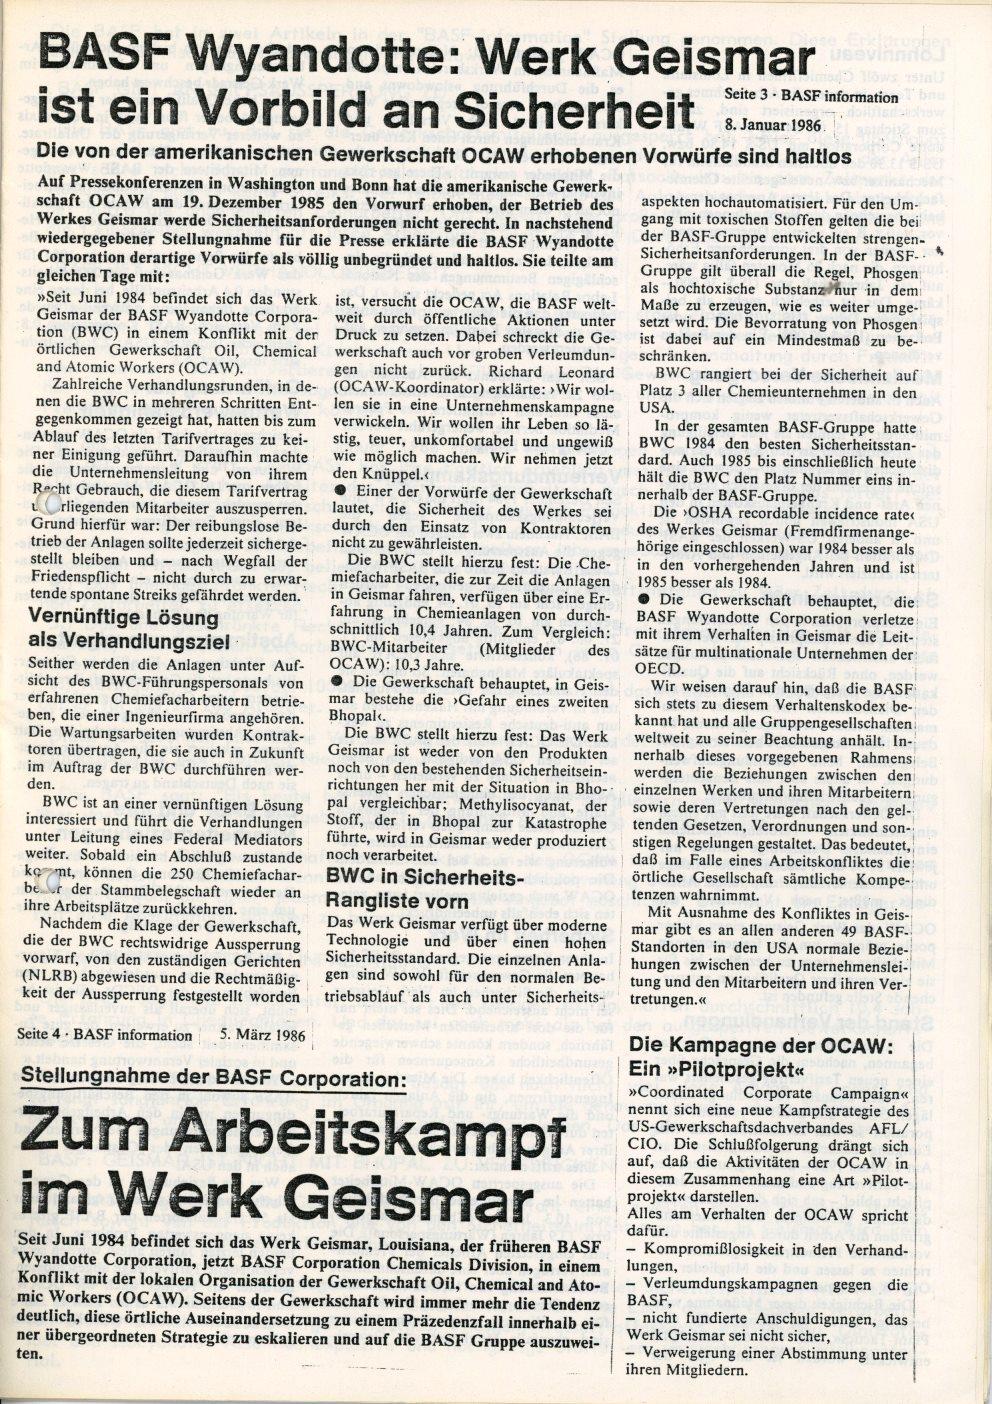 USA_BASF_Aussperrung_in_Geismar_1986_2_05